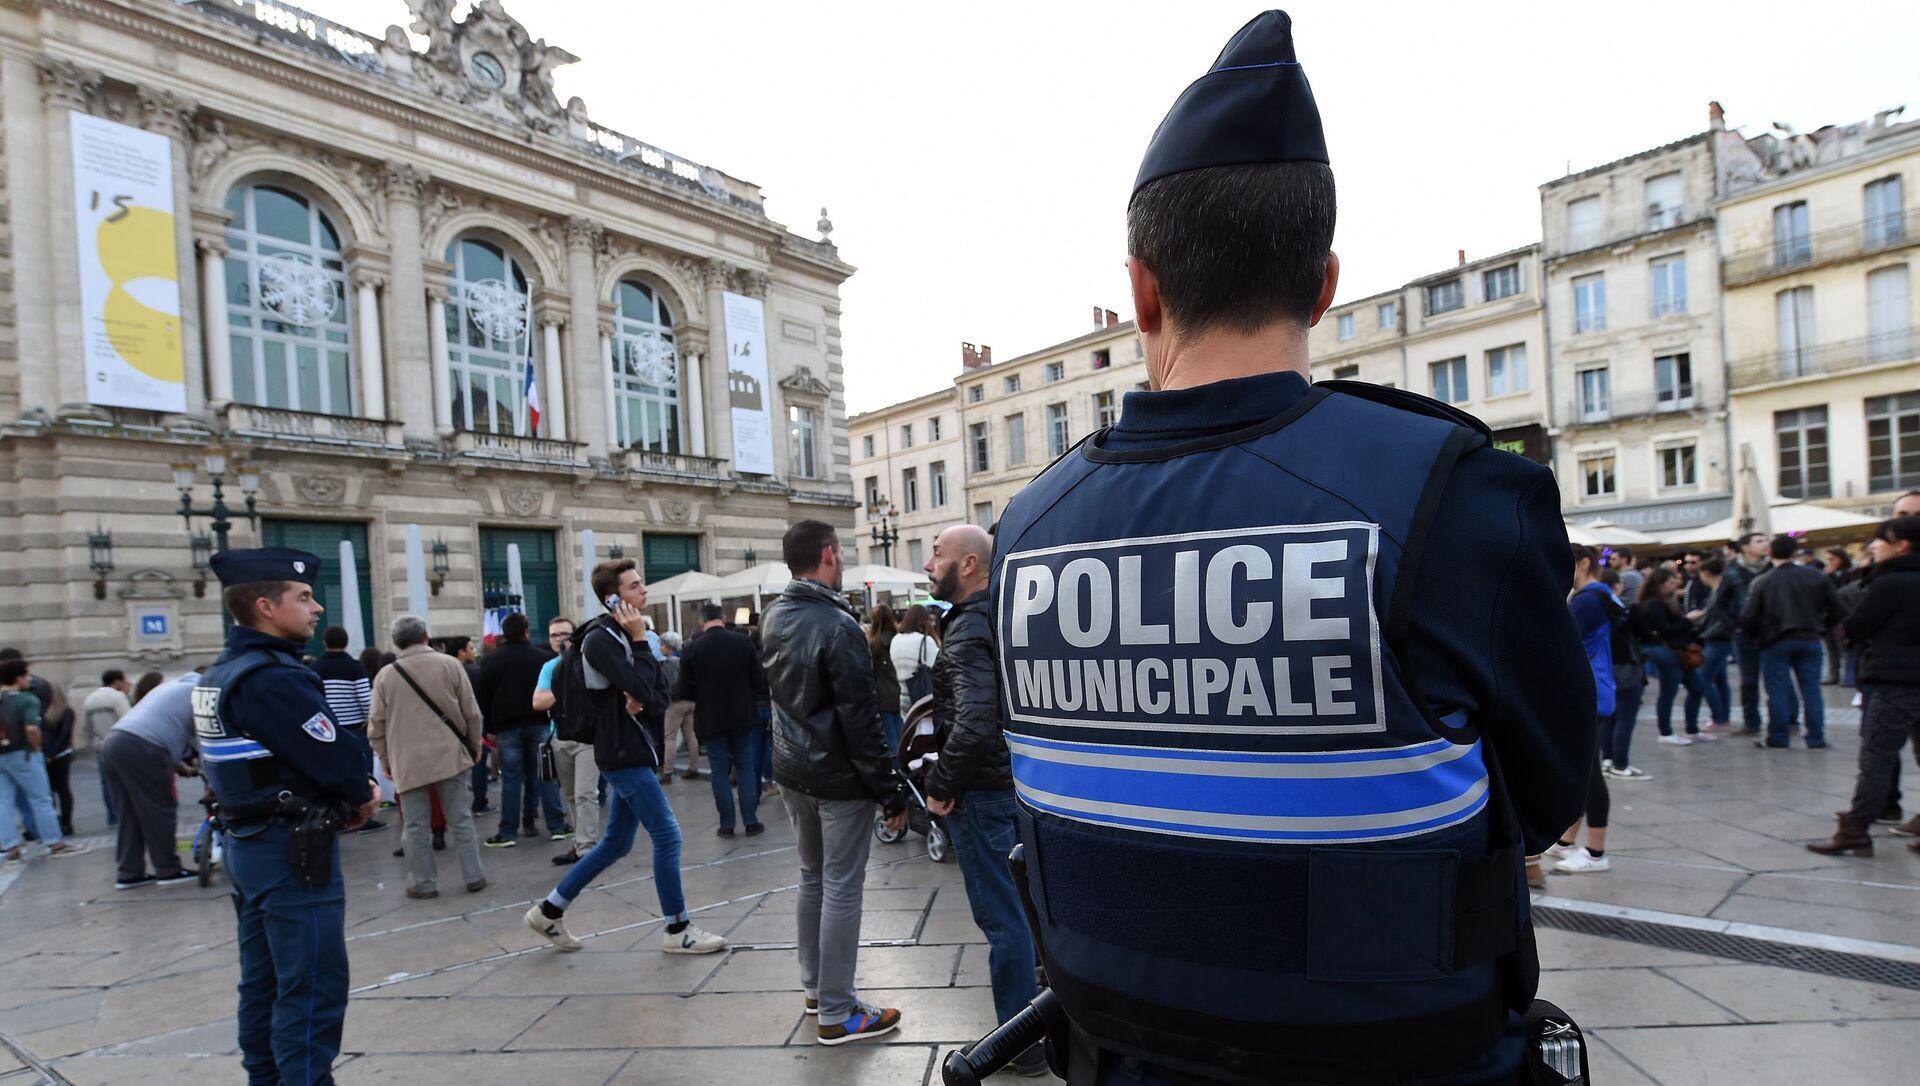 Cảnh sát Pháp làm nhiệm vụ trên đường phố ở Montpellier - Sputnik Việt Nam, 1920, 16.05.2021